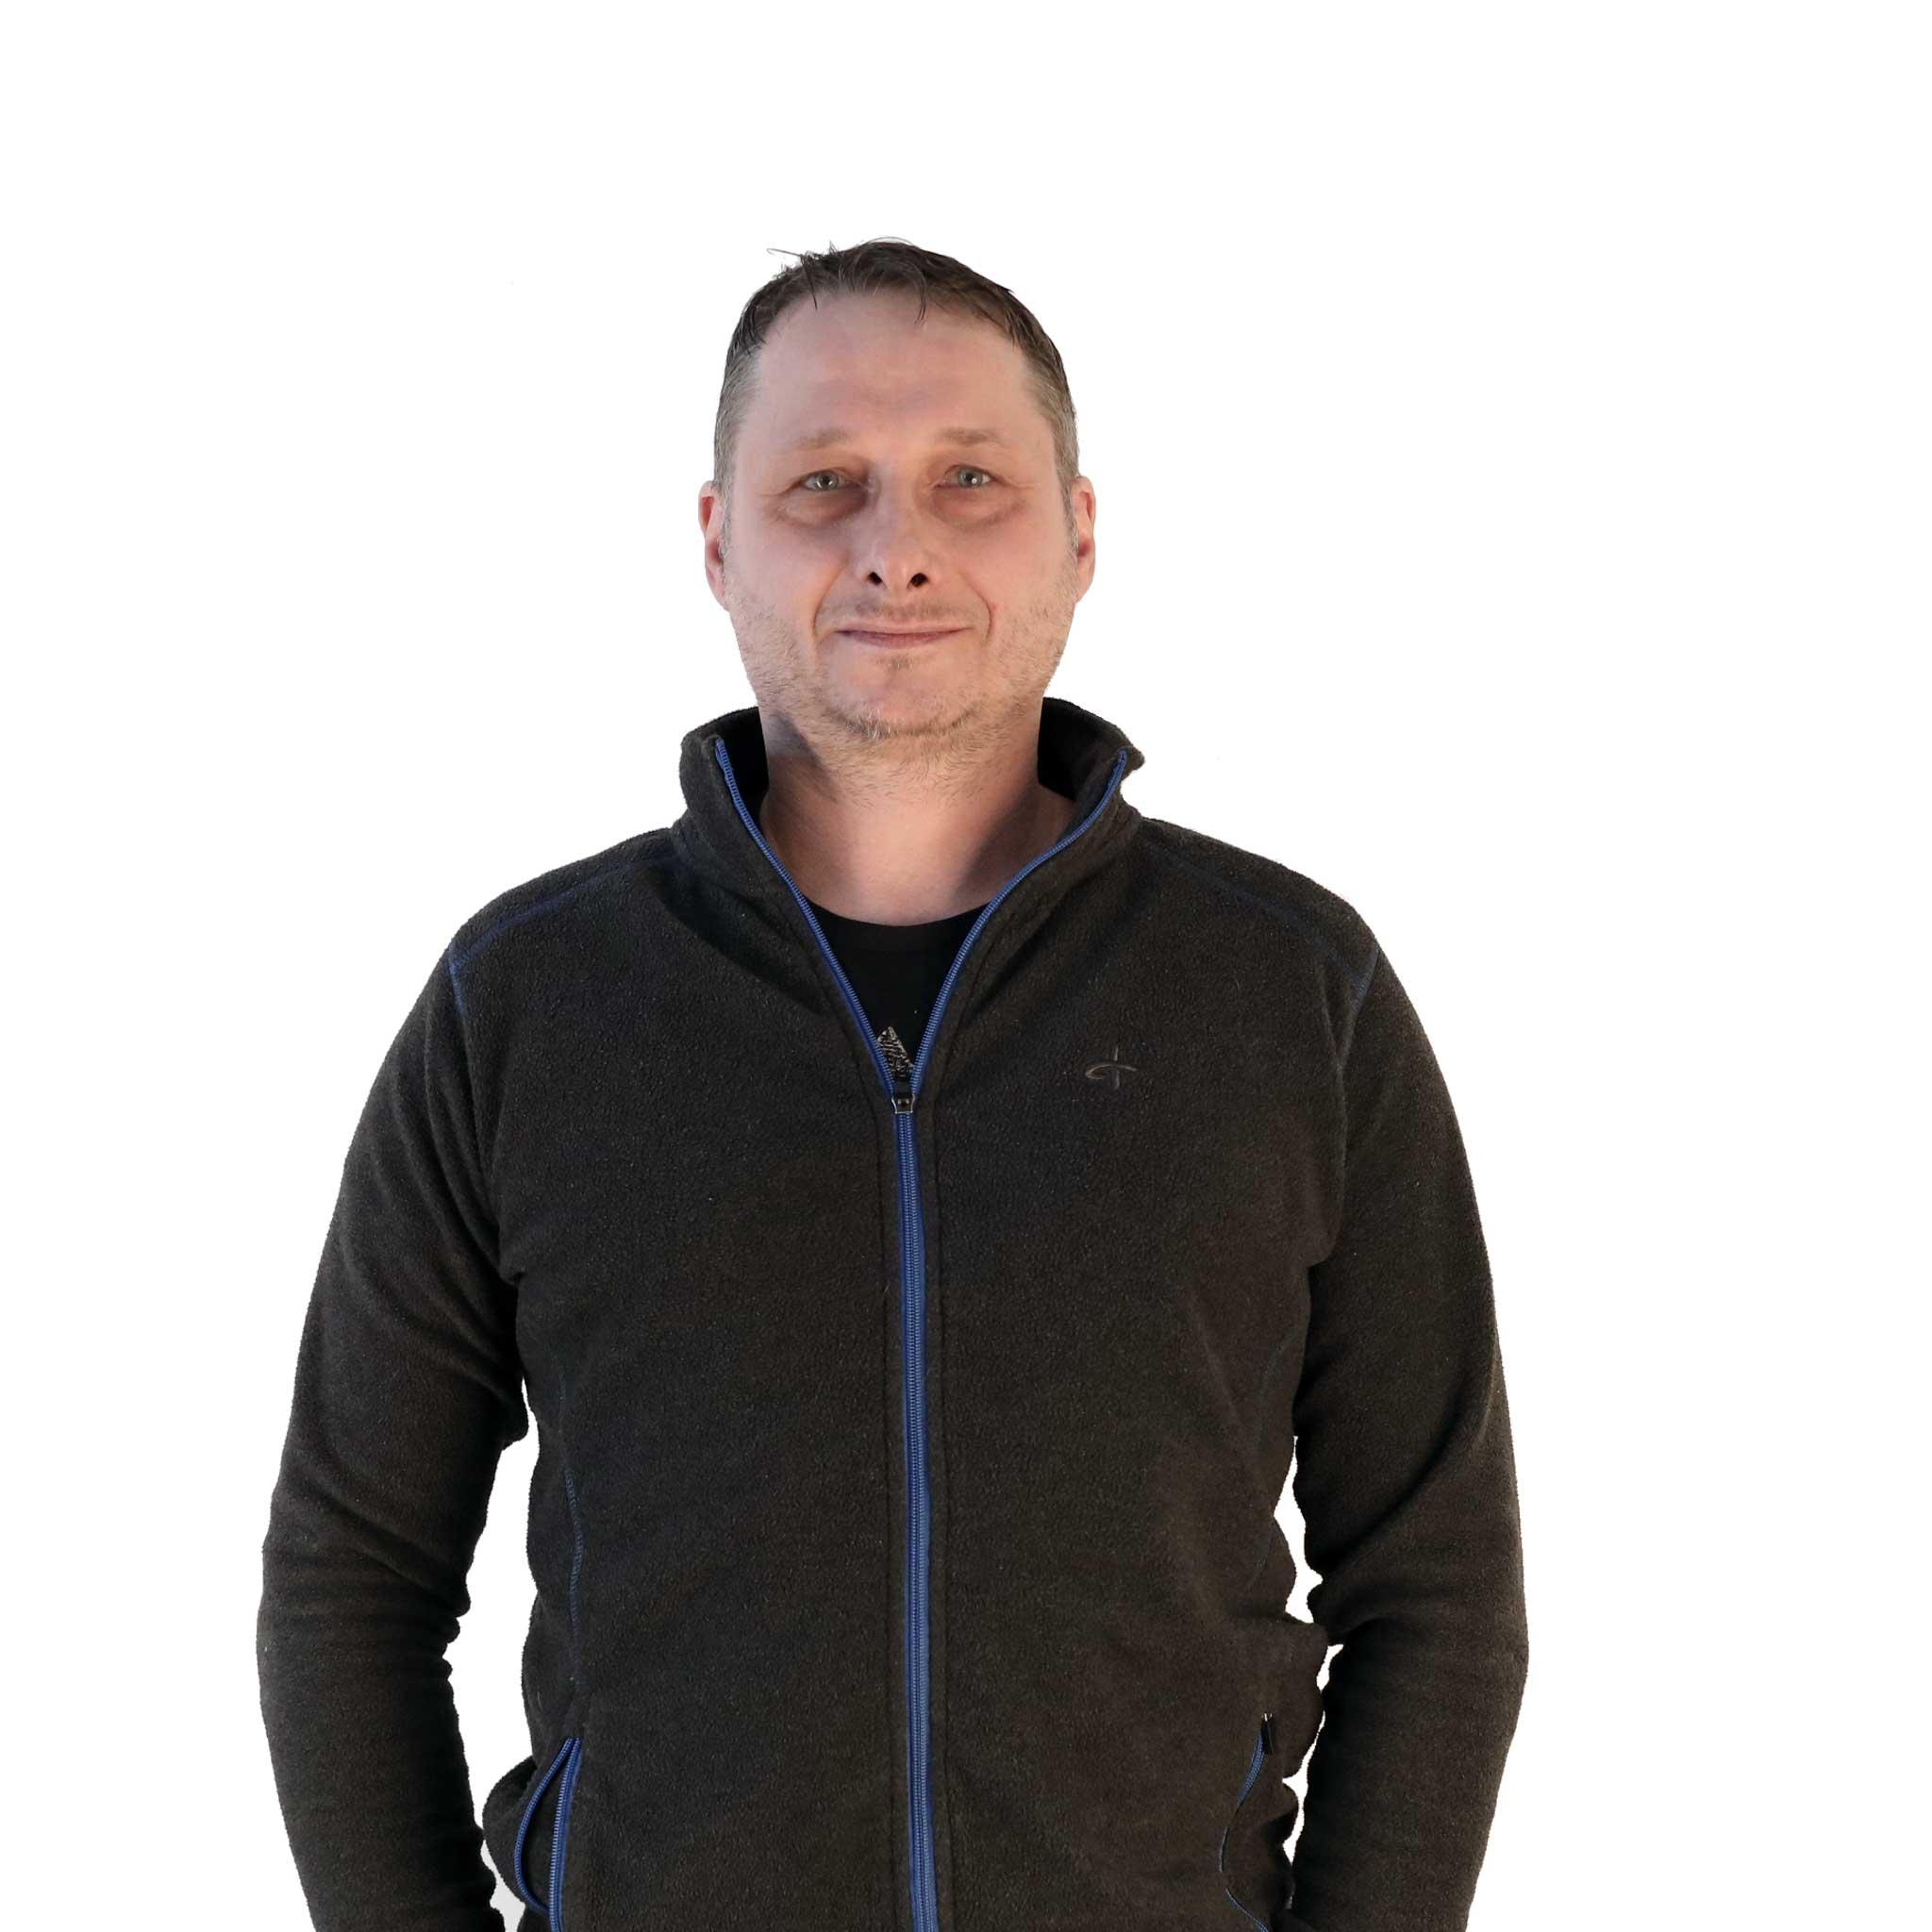 Radek Dolegowski